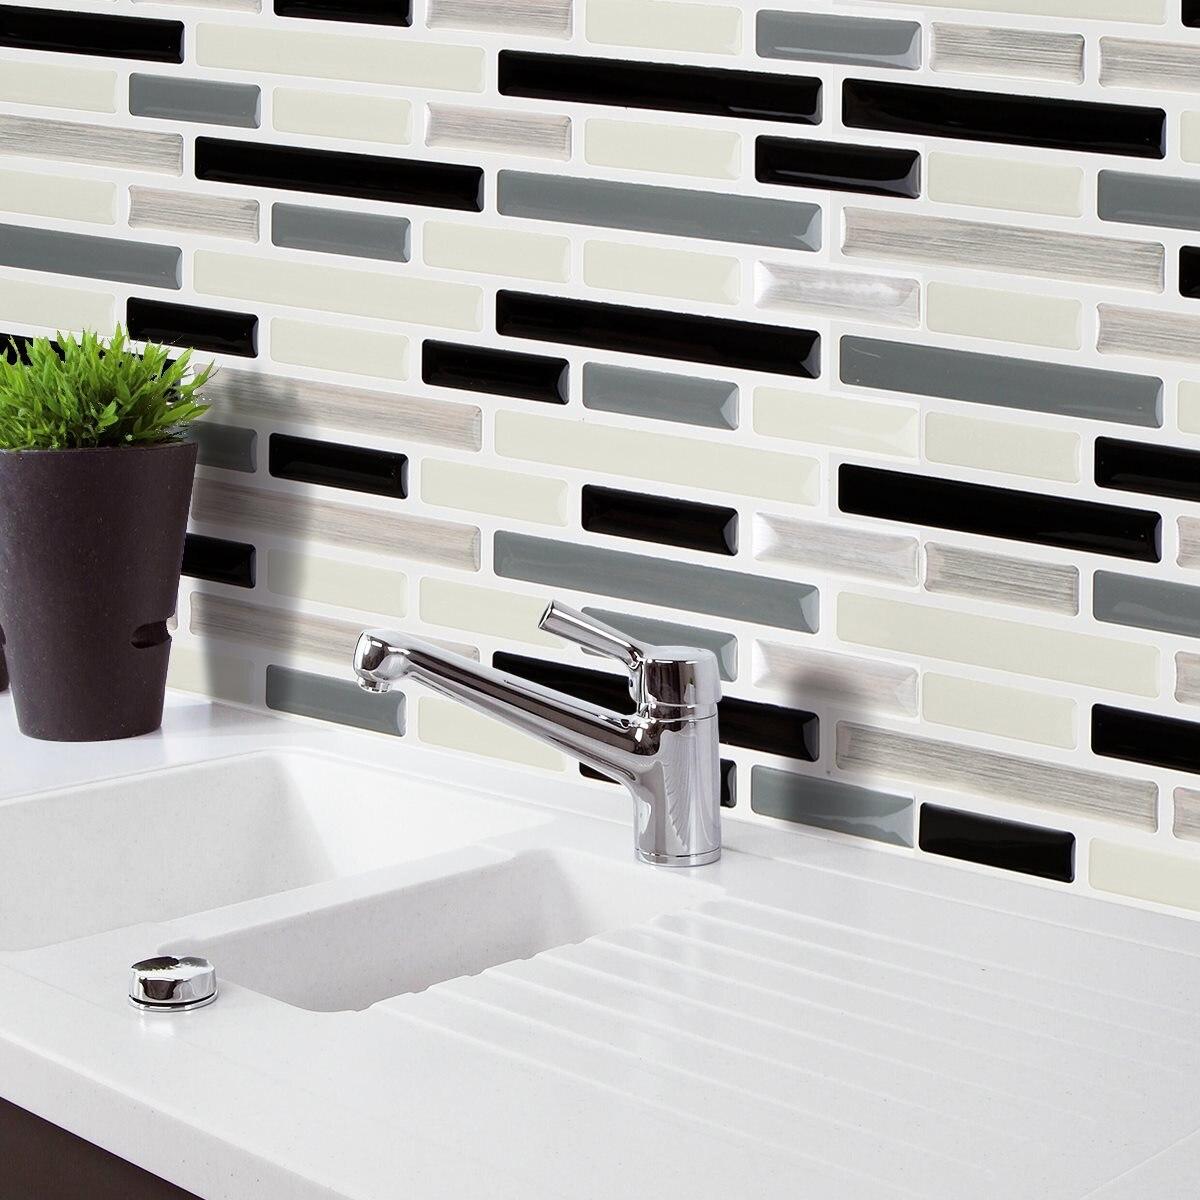 9 stili sticker decorazioni per la casa di mattoni mosaico bagno cucina foil bellezza 3d carta